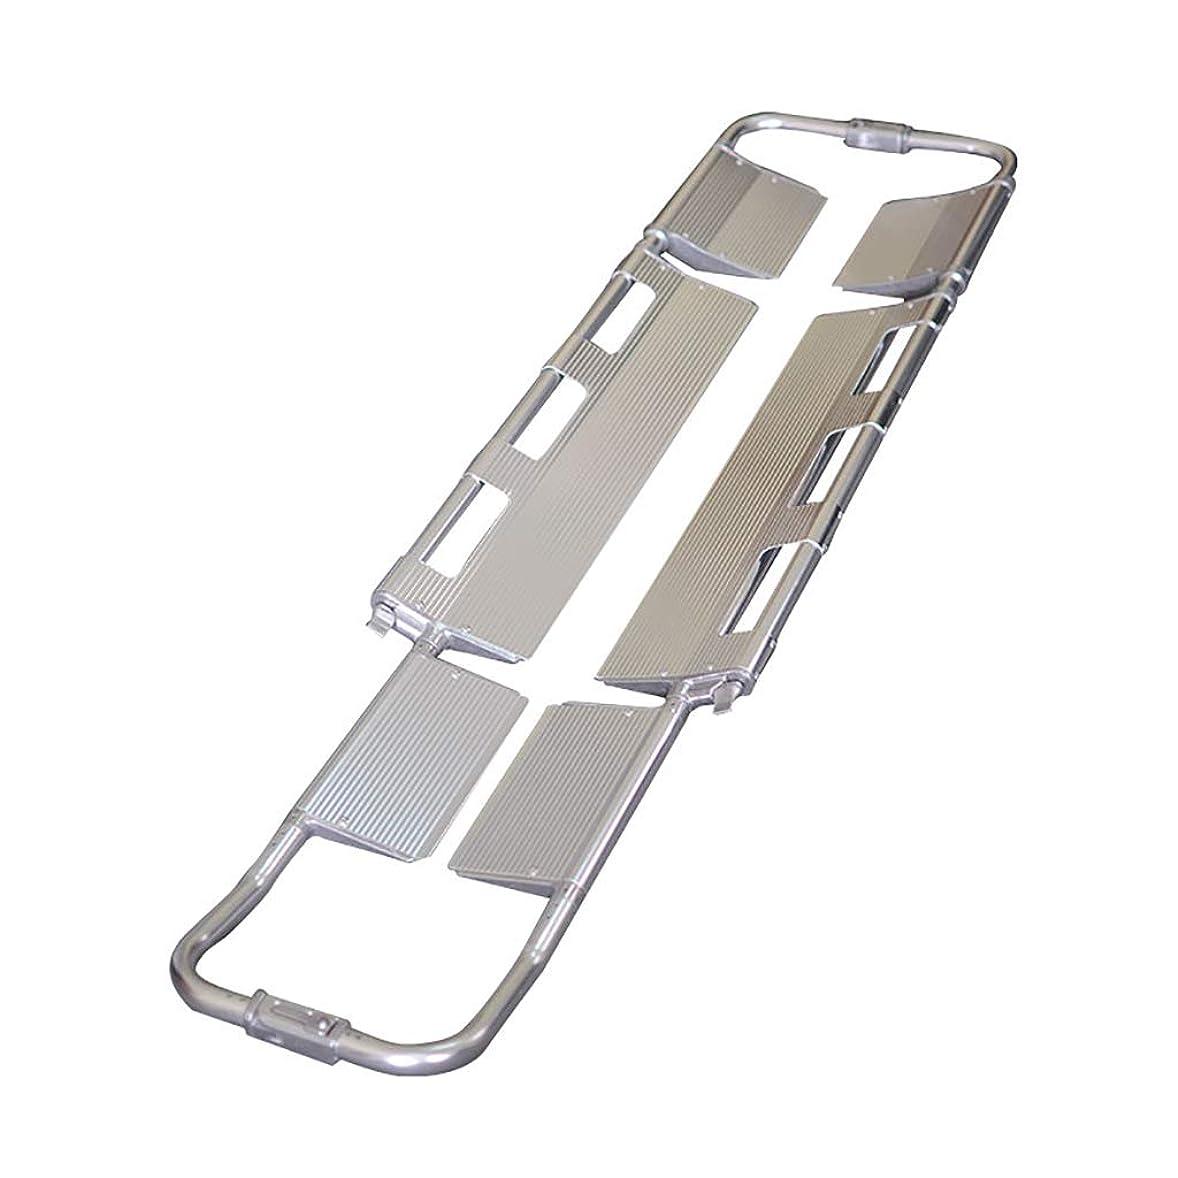 クローン焦がすアヒル医療用緊急ストレッチャー、アルミニウム合金伸縮式脊椎ボードストレッチャー固定キット軽量スクープタイプの患者移送